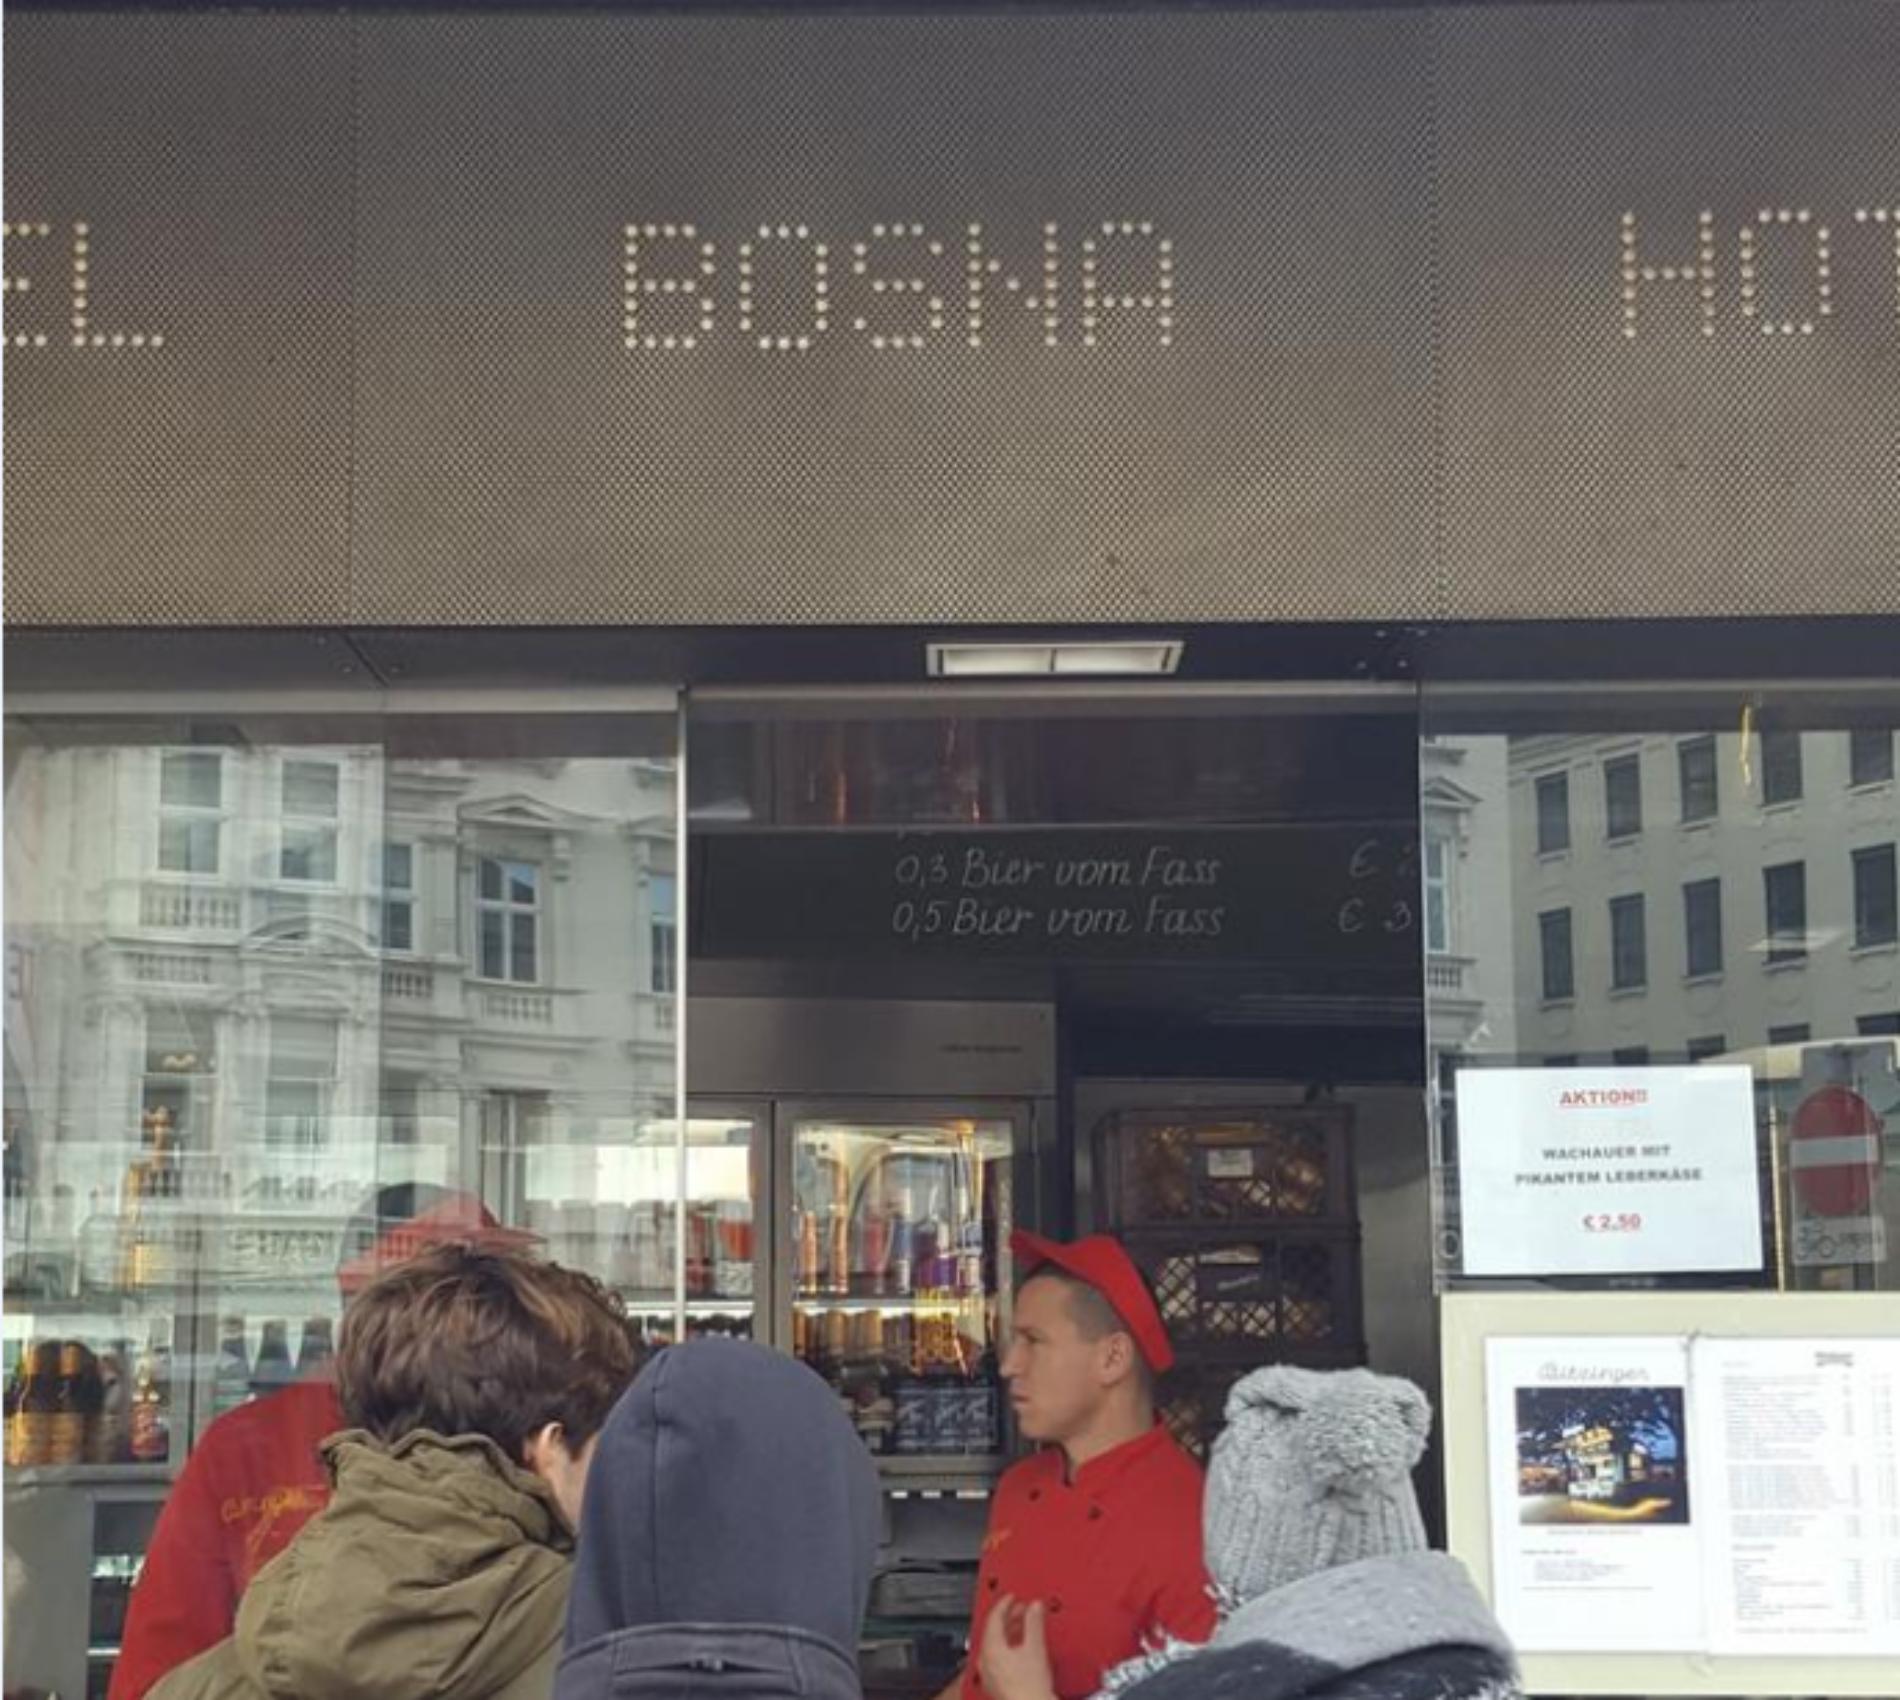 Beč: Bosanski i balkanski tragovi u glavnom austrijskom gradu